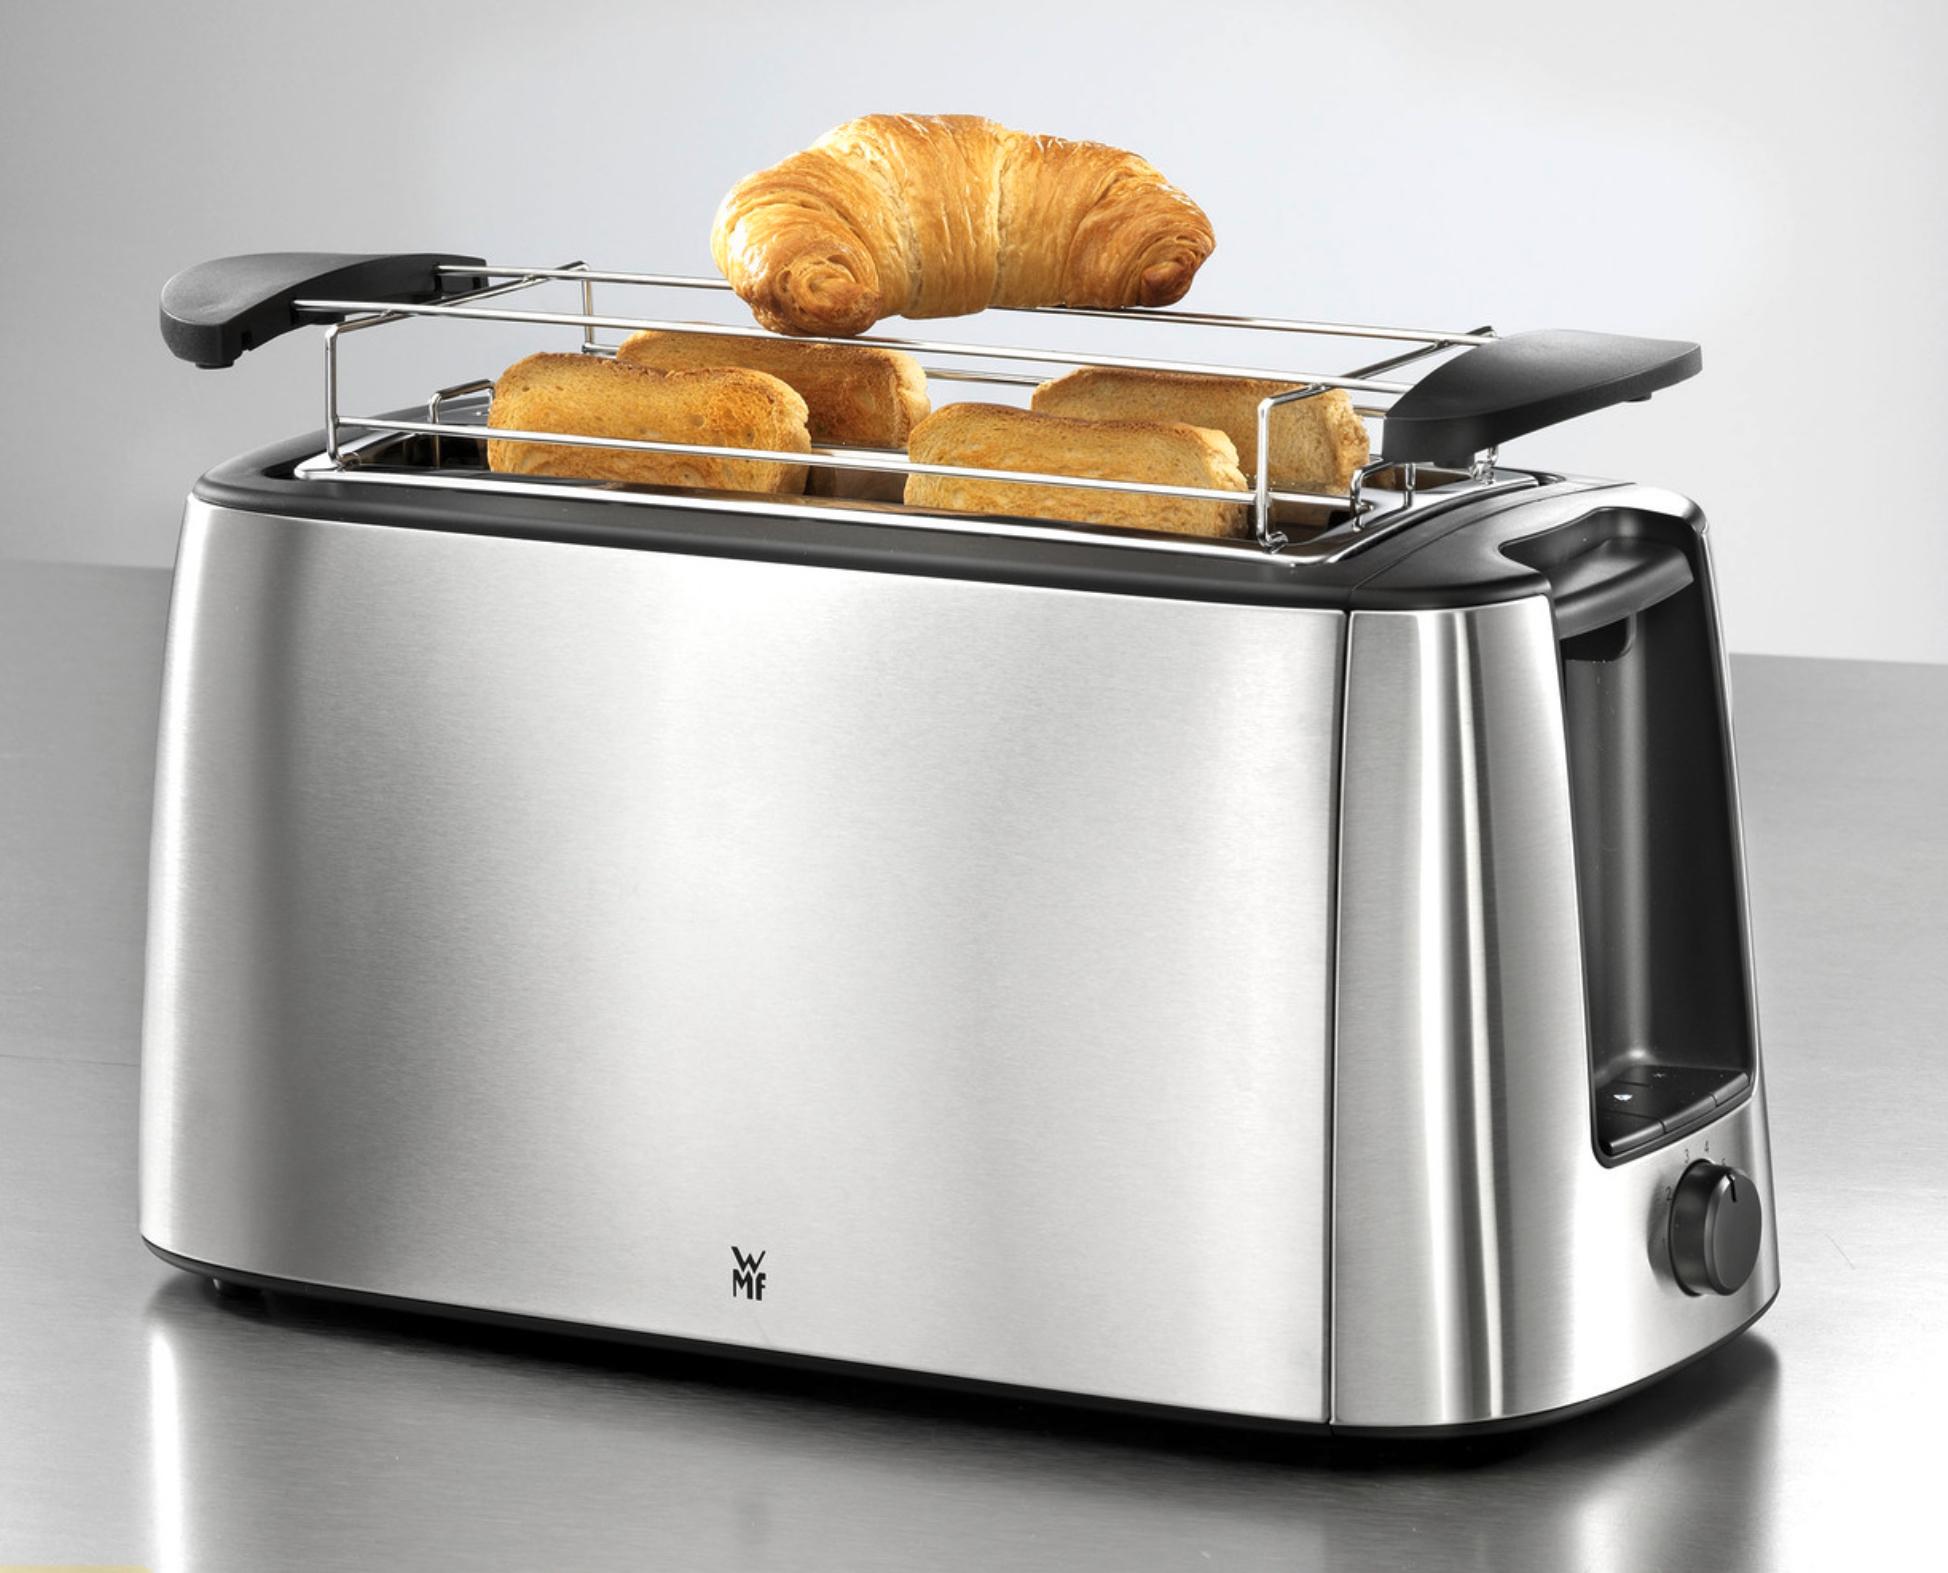 WMF Bueno Pro Toaster für 4 Toast o. 2 Brotscheiben, XXL-Toast Aufwärm-Funktion 6 Bräunungsstufen Edelstahl für 38,48€ inkl. Versandkosten